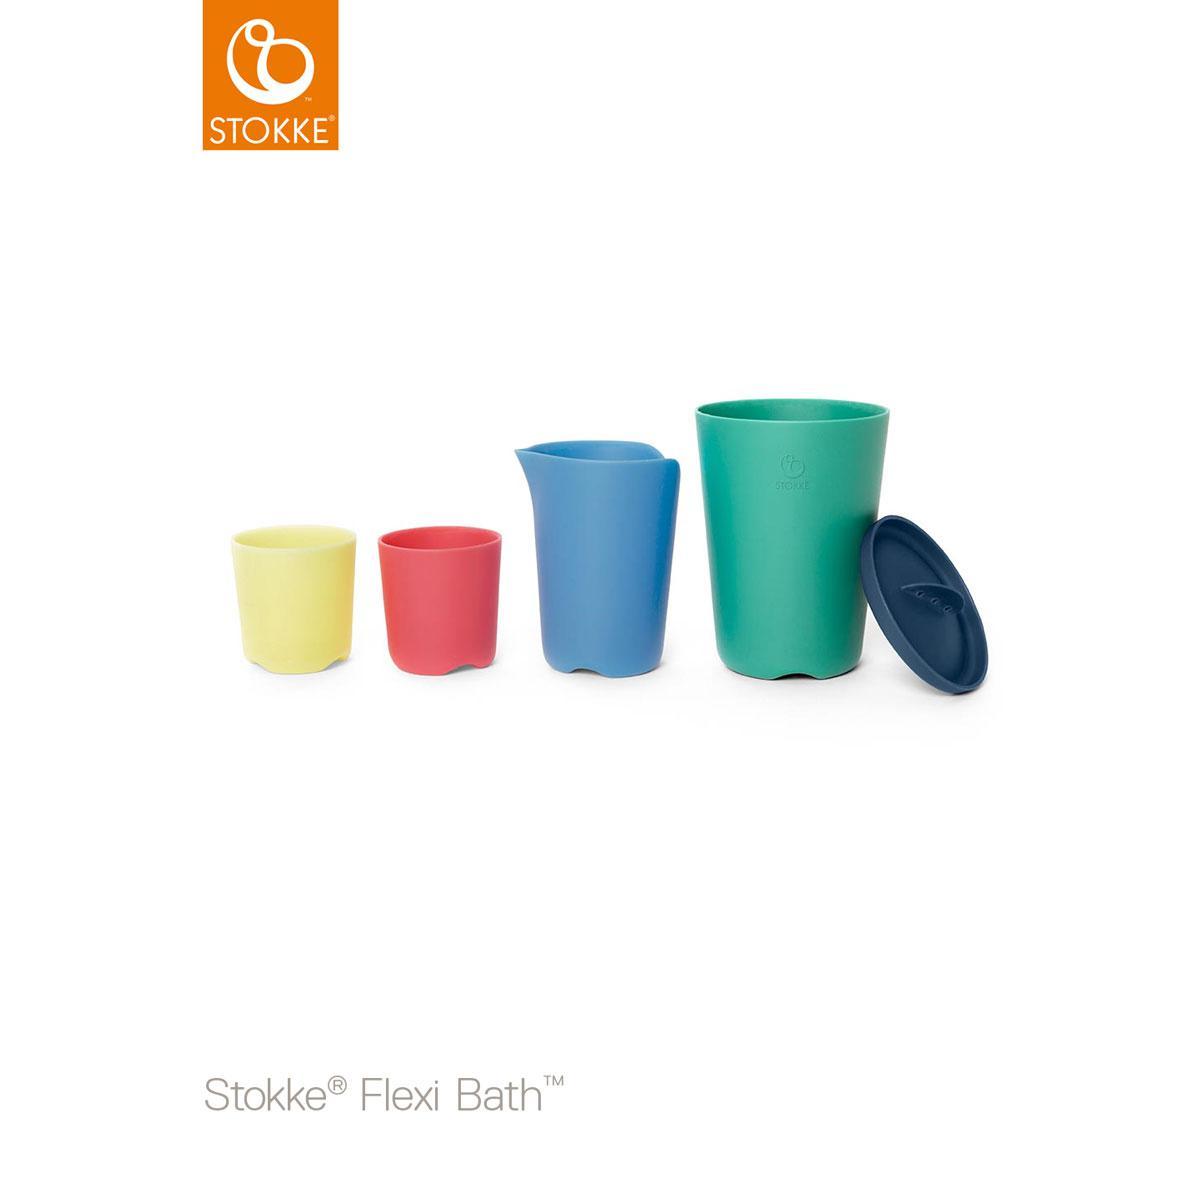 Juguetes baño FLEXI BATH Stokke